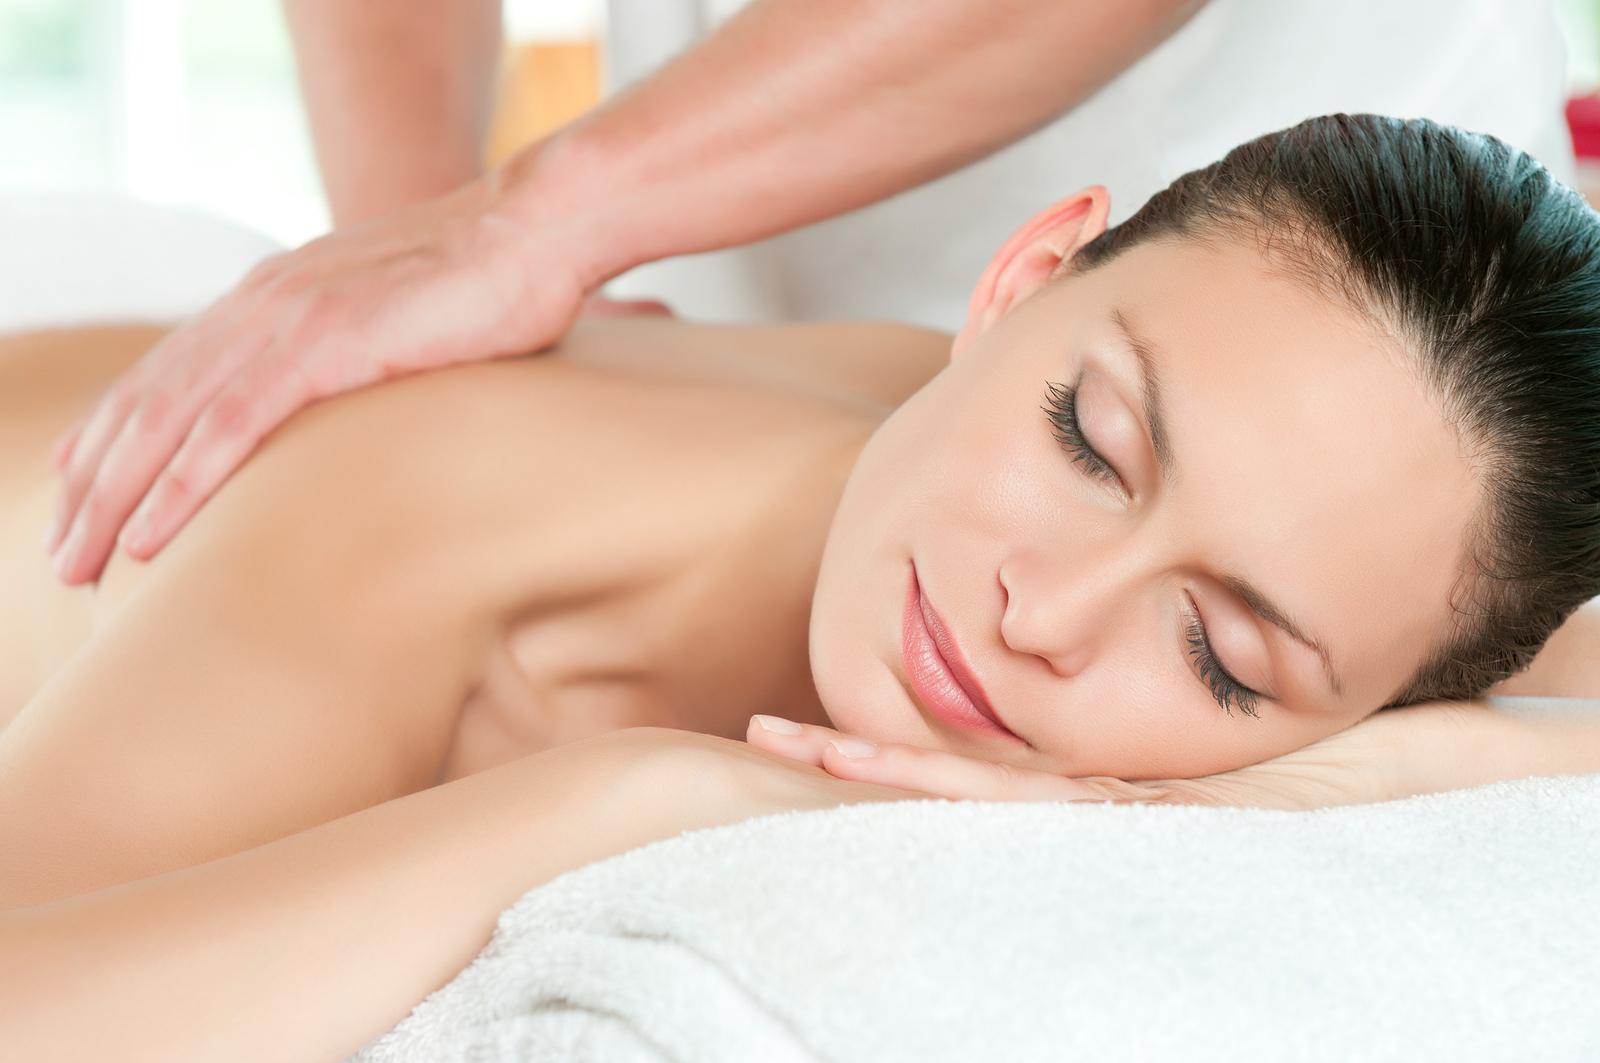 Jojoba-oil-uses-for-full-body-massage-treatment